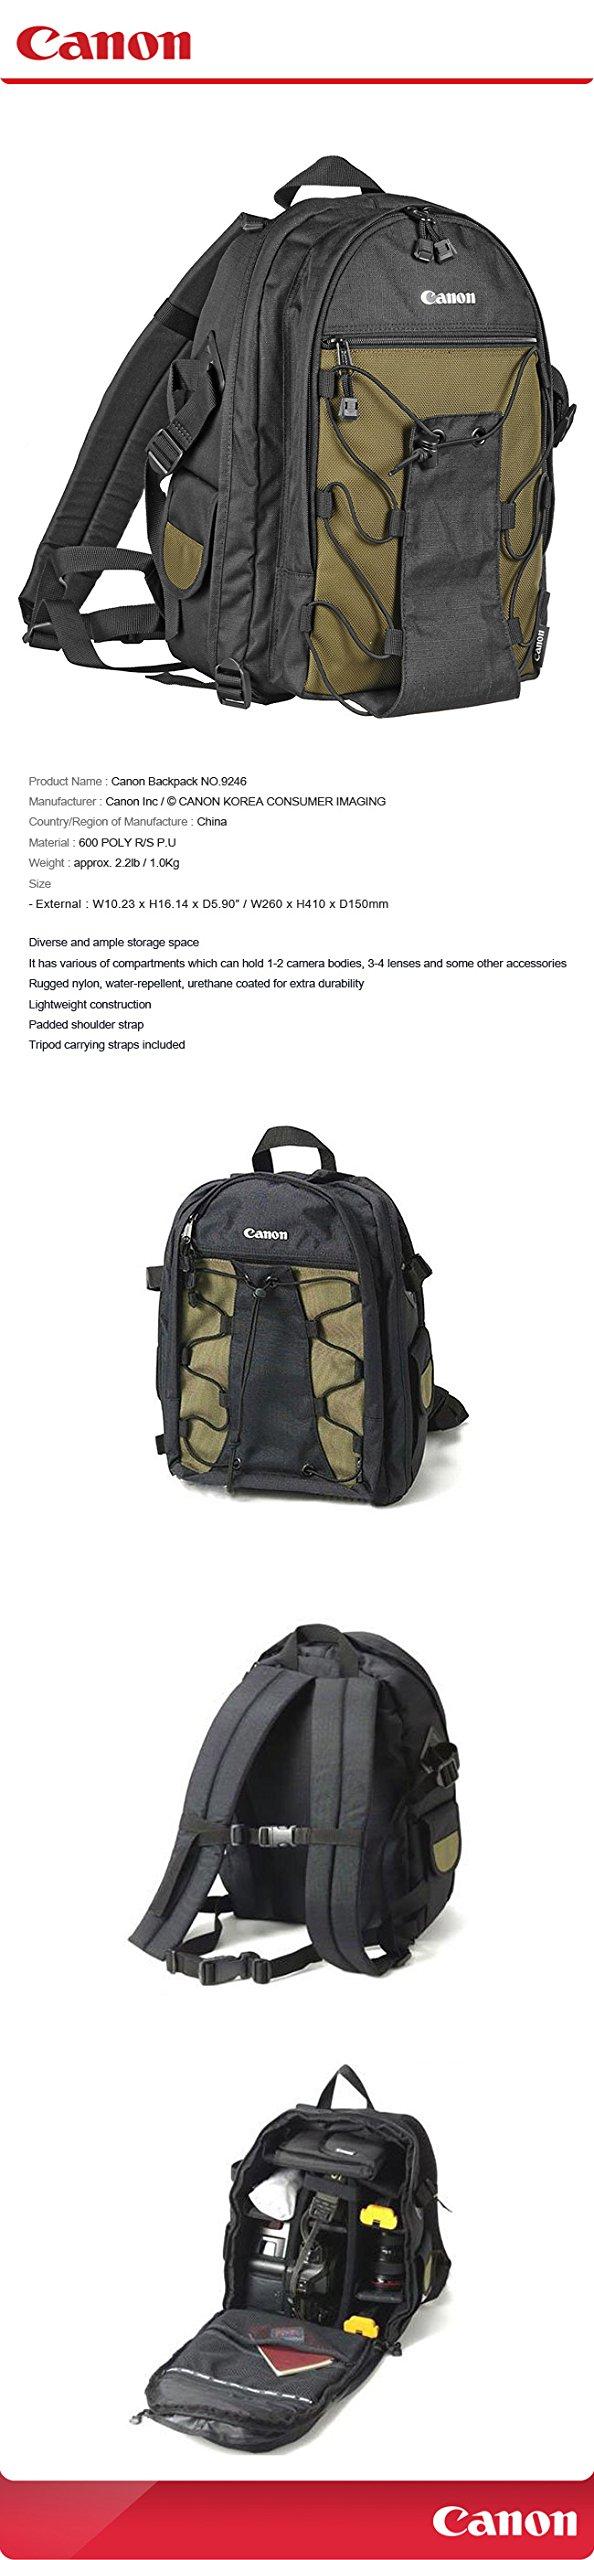 CANON D-SLR RF Mirrorless Backpack Bag 200EG/9246 for Lens EOS 5D Mark III 7D Mark II 6D 5D 70D 60D 50D 500D 550D 600D 650D 700D 750D by Yves